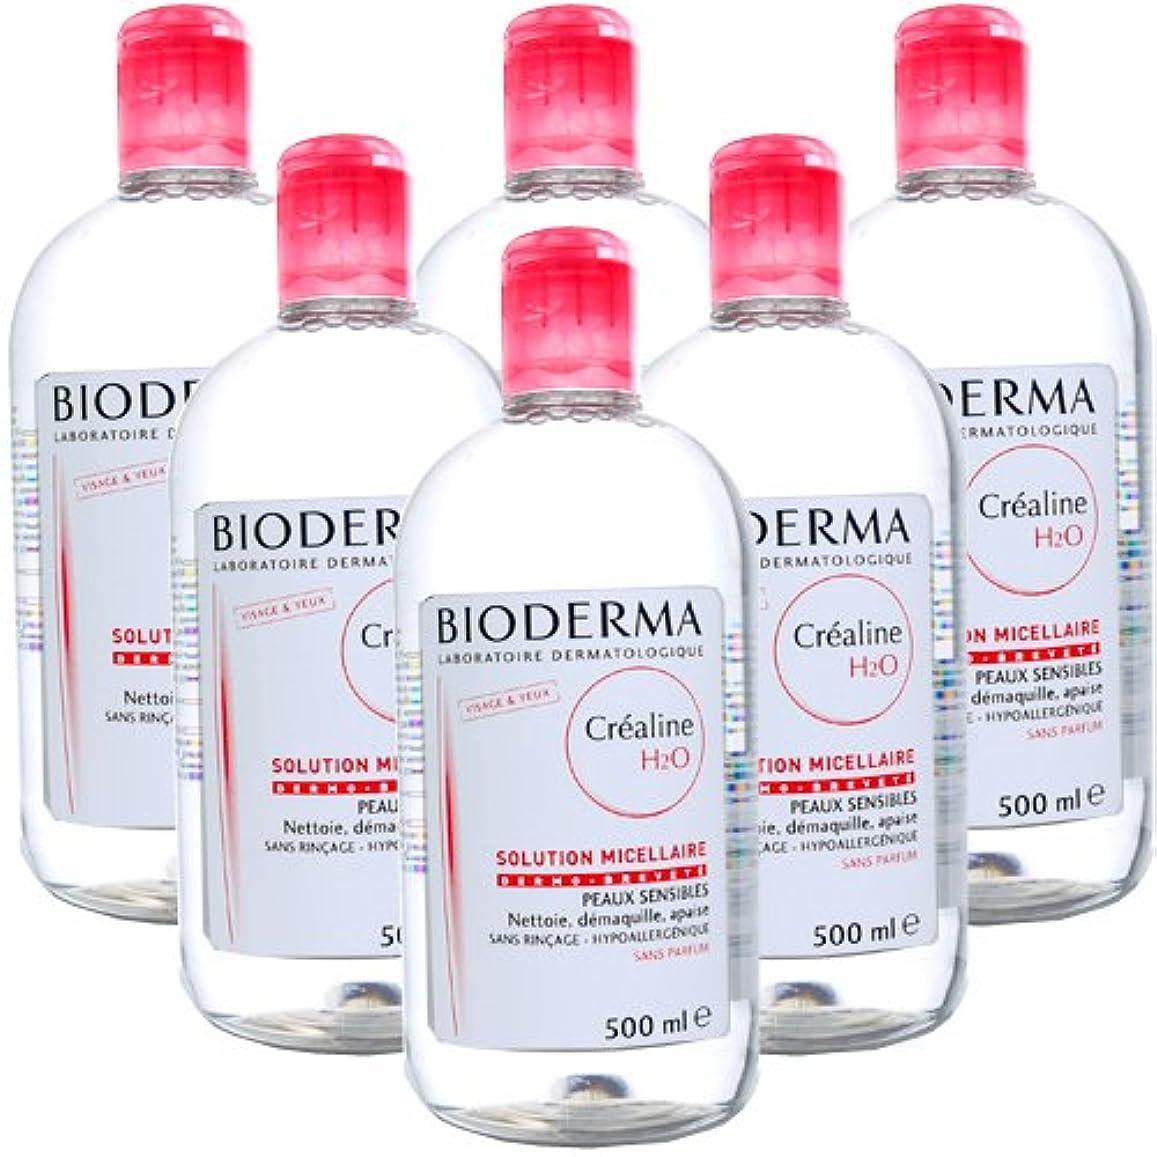 正規化隠された素子ビオデルマ BIODERMA サンシビオ H2O (エイチ ツーオー) D 500mL 【6本セット】 [並行輸入品]